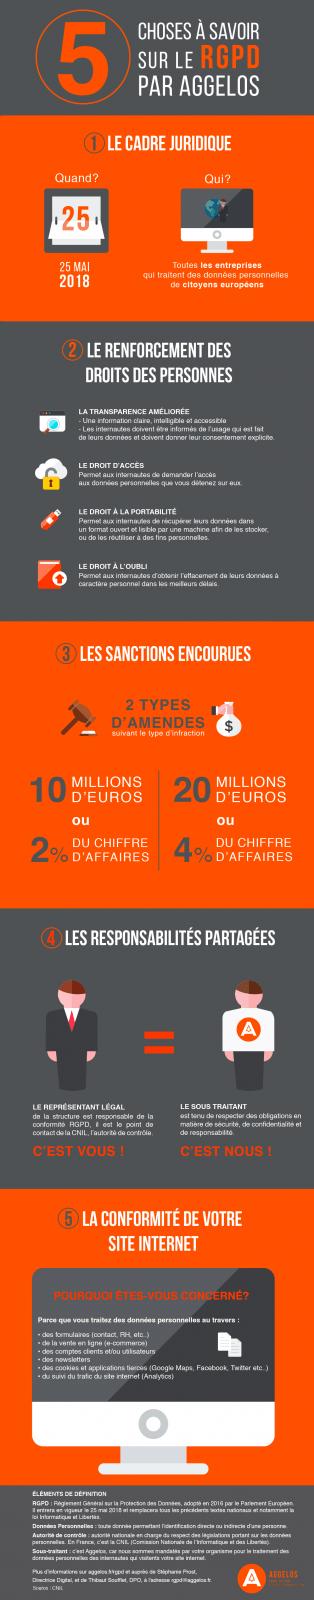 Infographie RGPD Aggelos Bordeaux